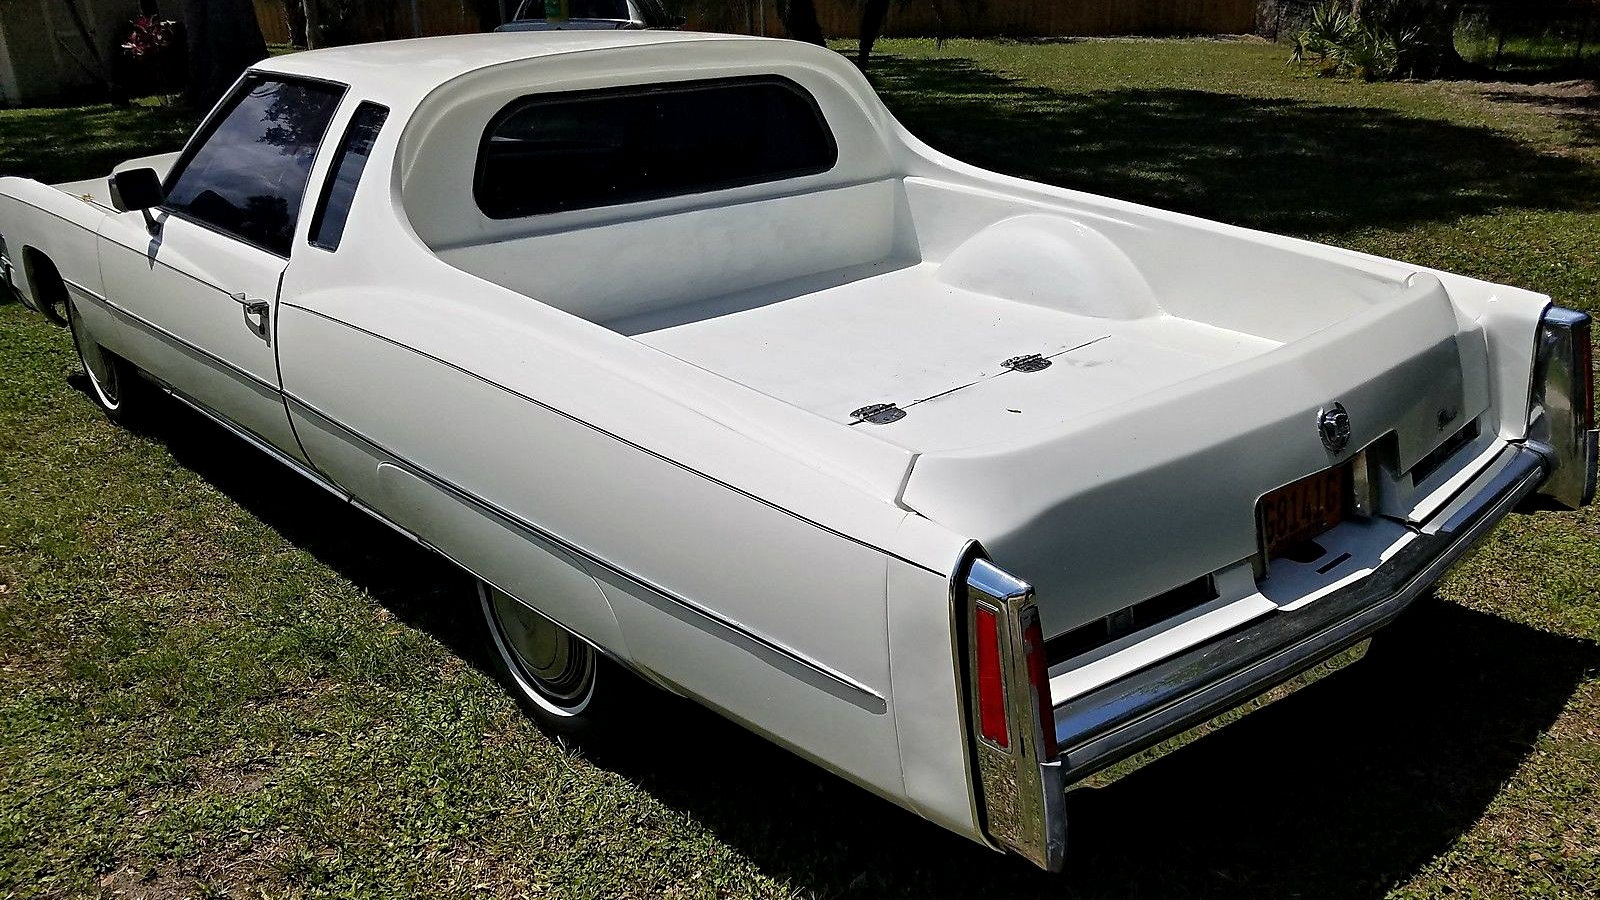 New Cadillac Eldorado >> Eldo-Camino: 1974 Cadillac Eldorado